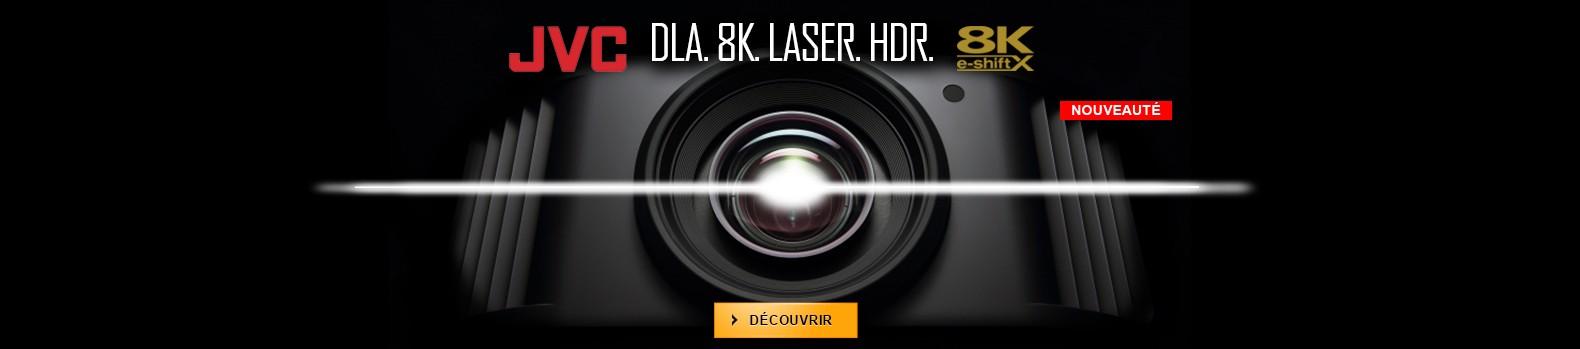 Nouveaux vidéoprojecteurs JVC DLA 8K e-shiftX